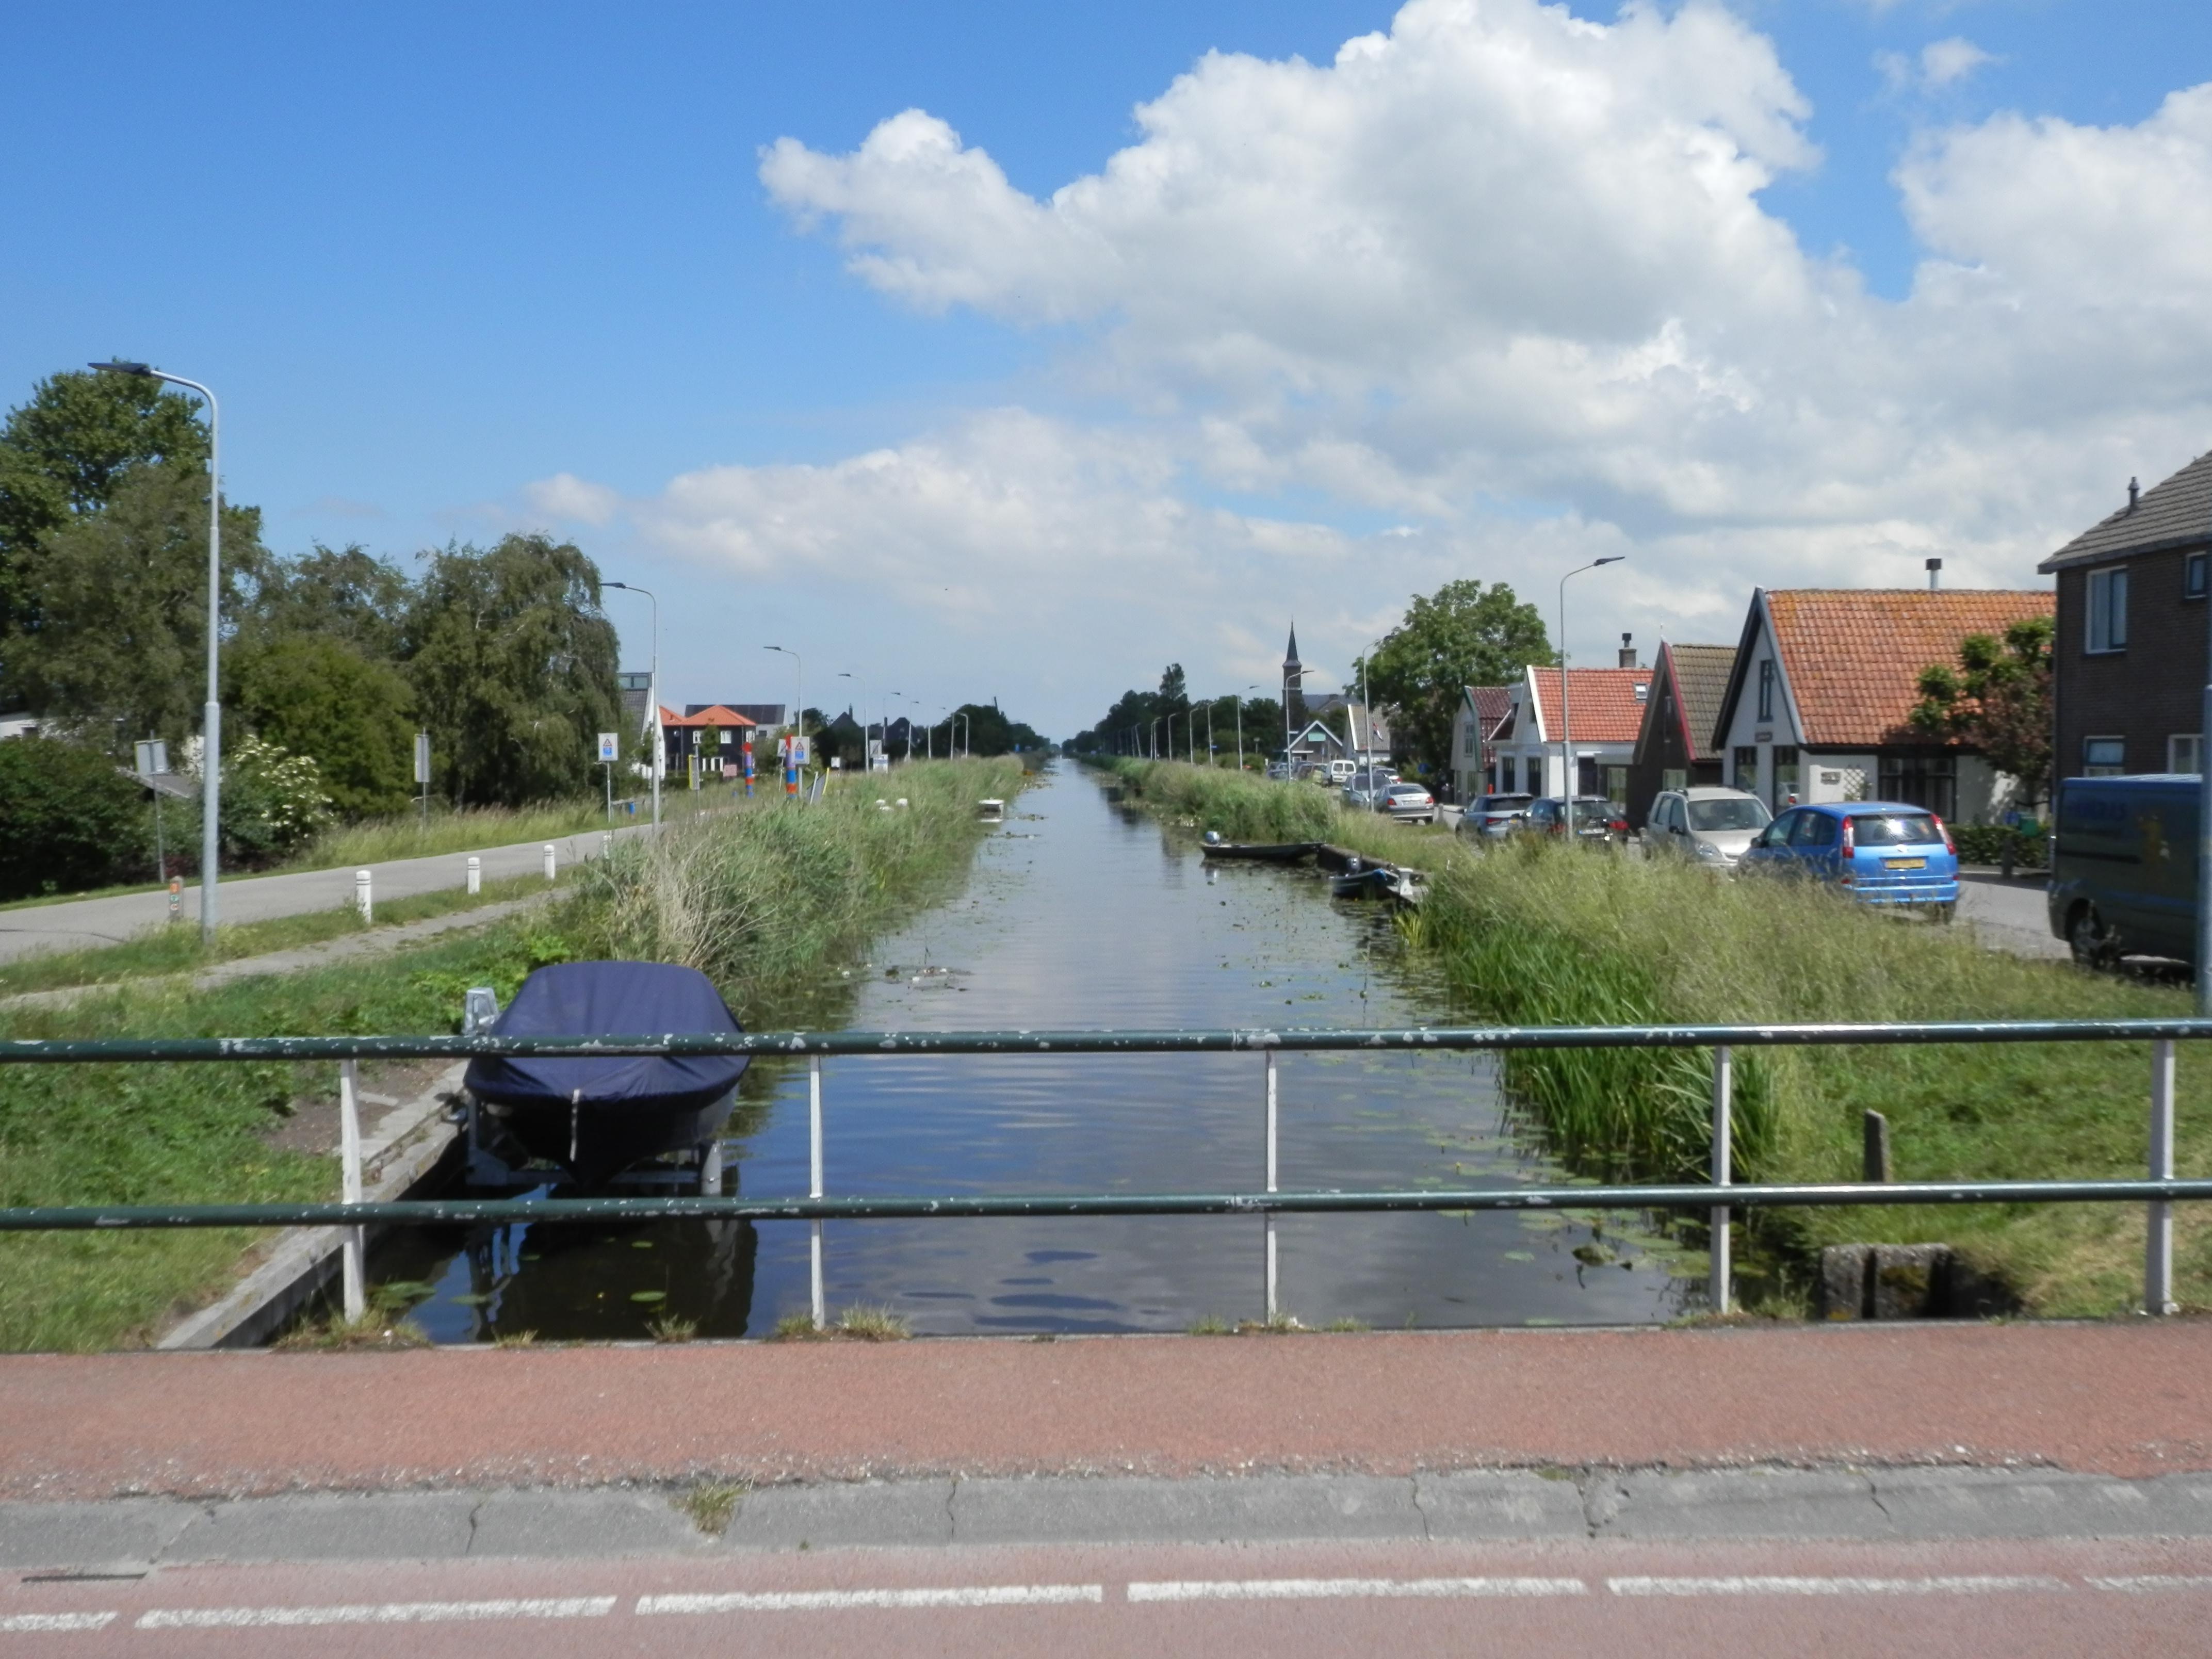 Verslaggever Piet van Dijk is na dertig jaar terug in Schagen en kijkt zijn ogen uit. 'Ik had verwacht dat de Markt nu wel eens autovrij zou zijn'